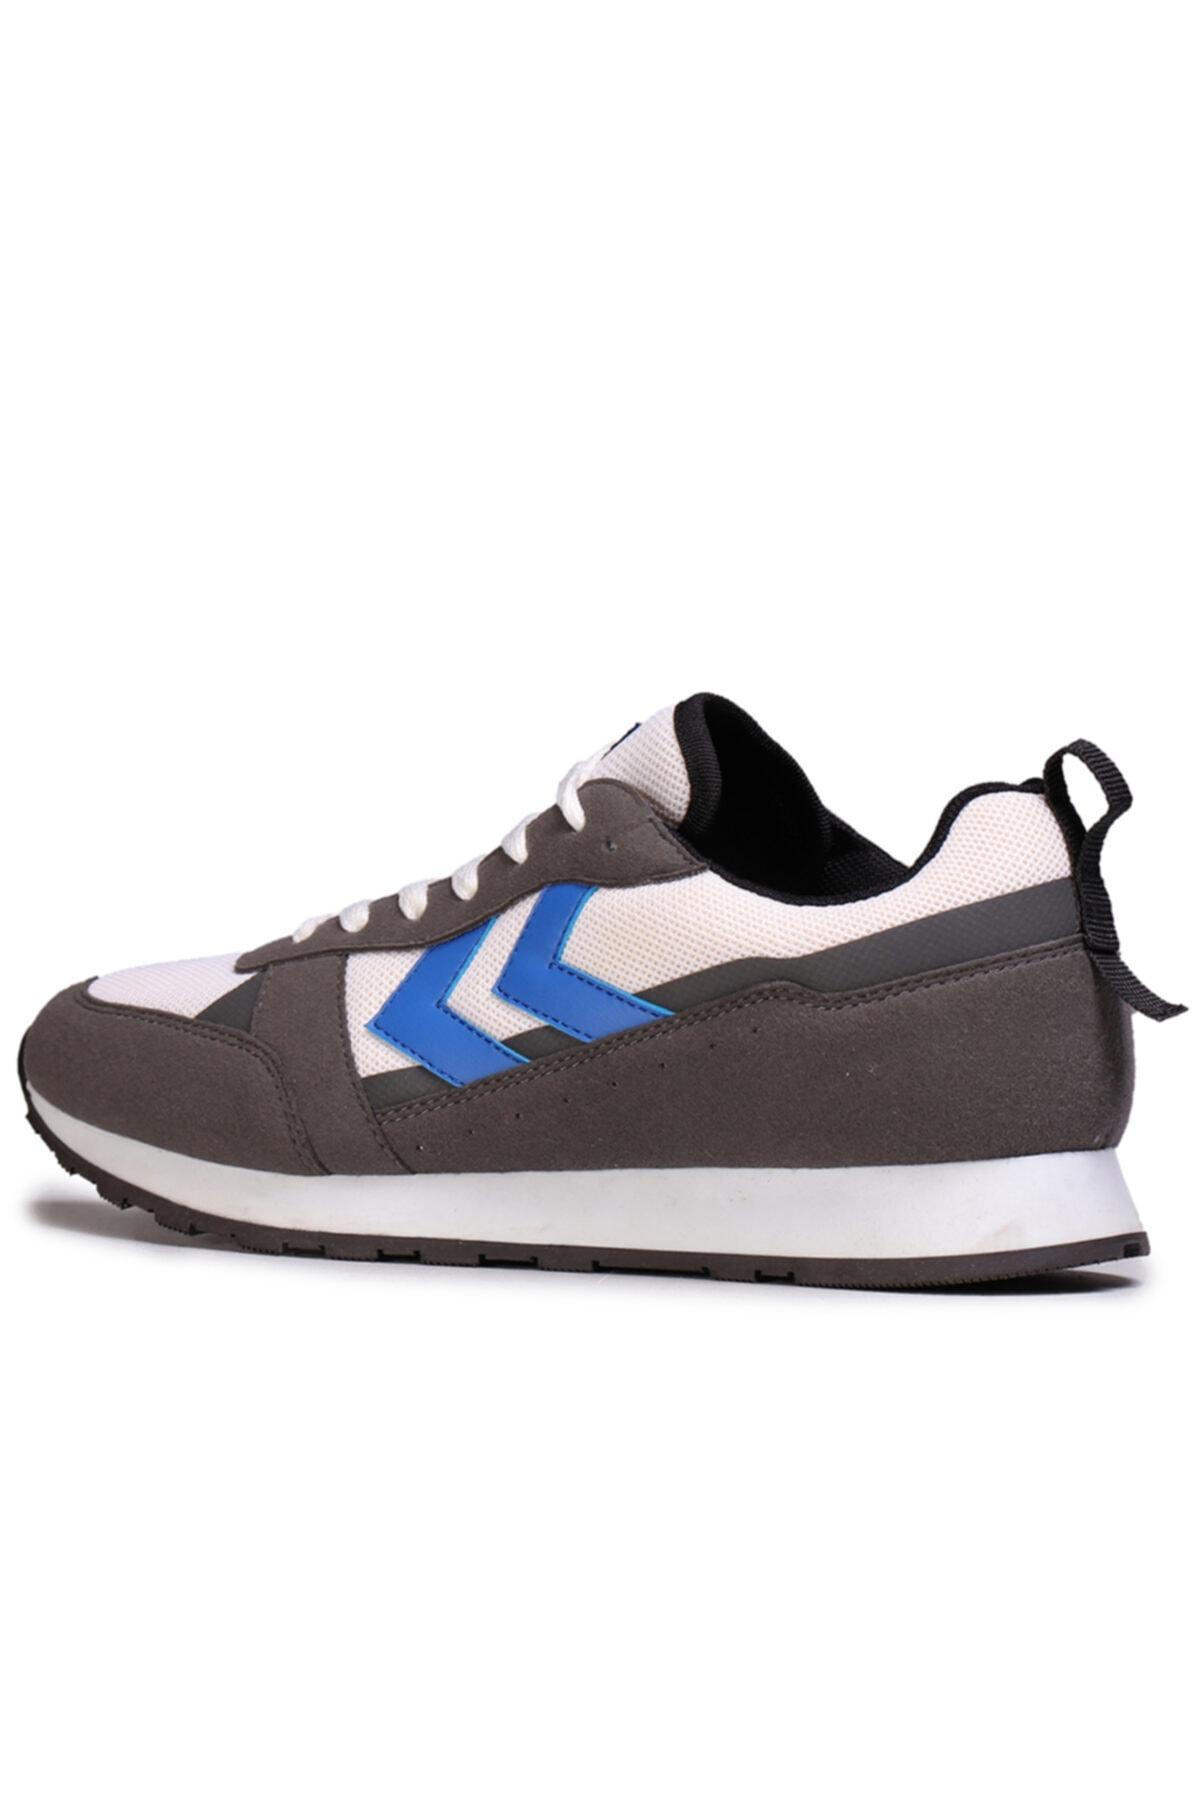 HUMMEL Unisex Gri Sneakers 2